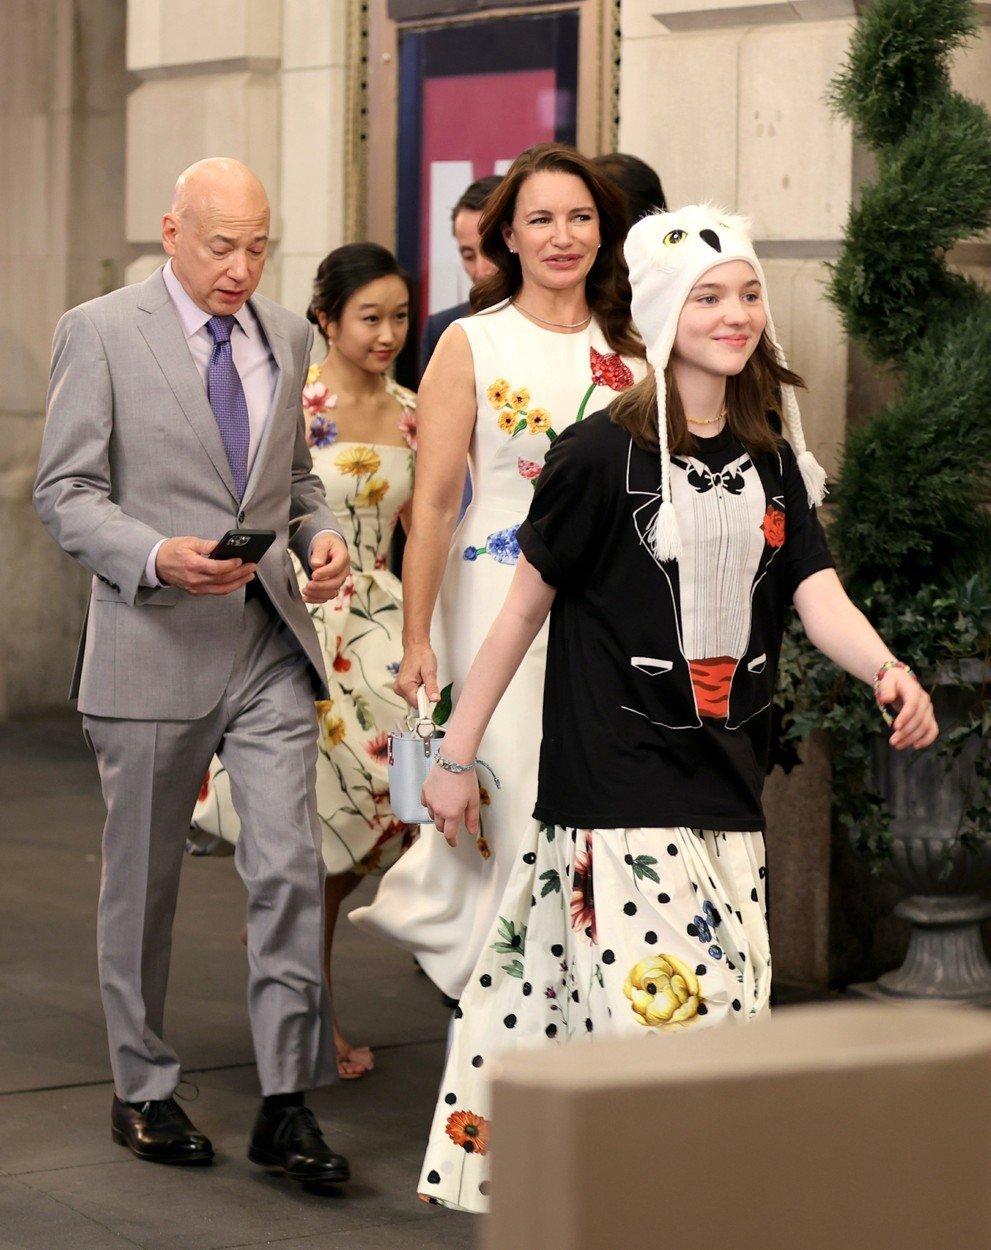 Rodina Goldenblattova: Charlotte, Harry a jejich dvě dcery, Lily a Rose